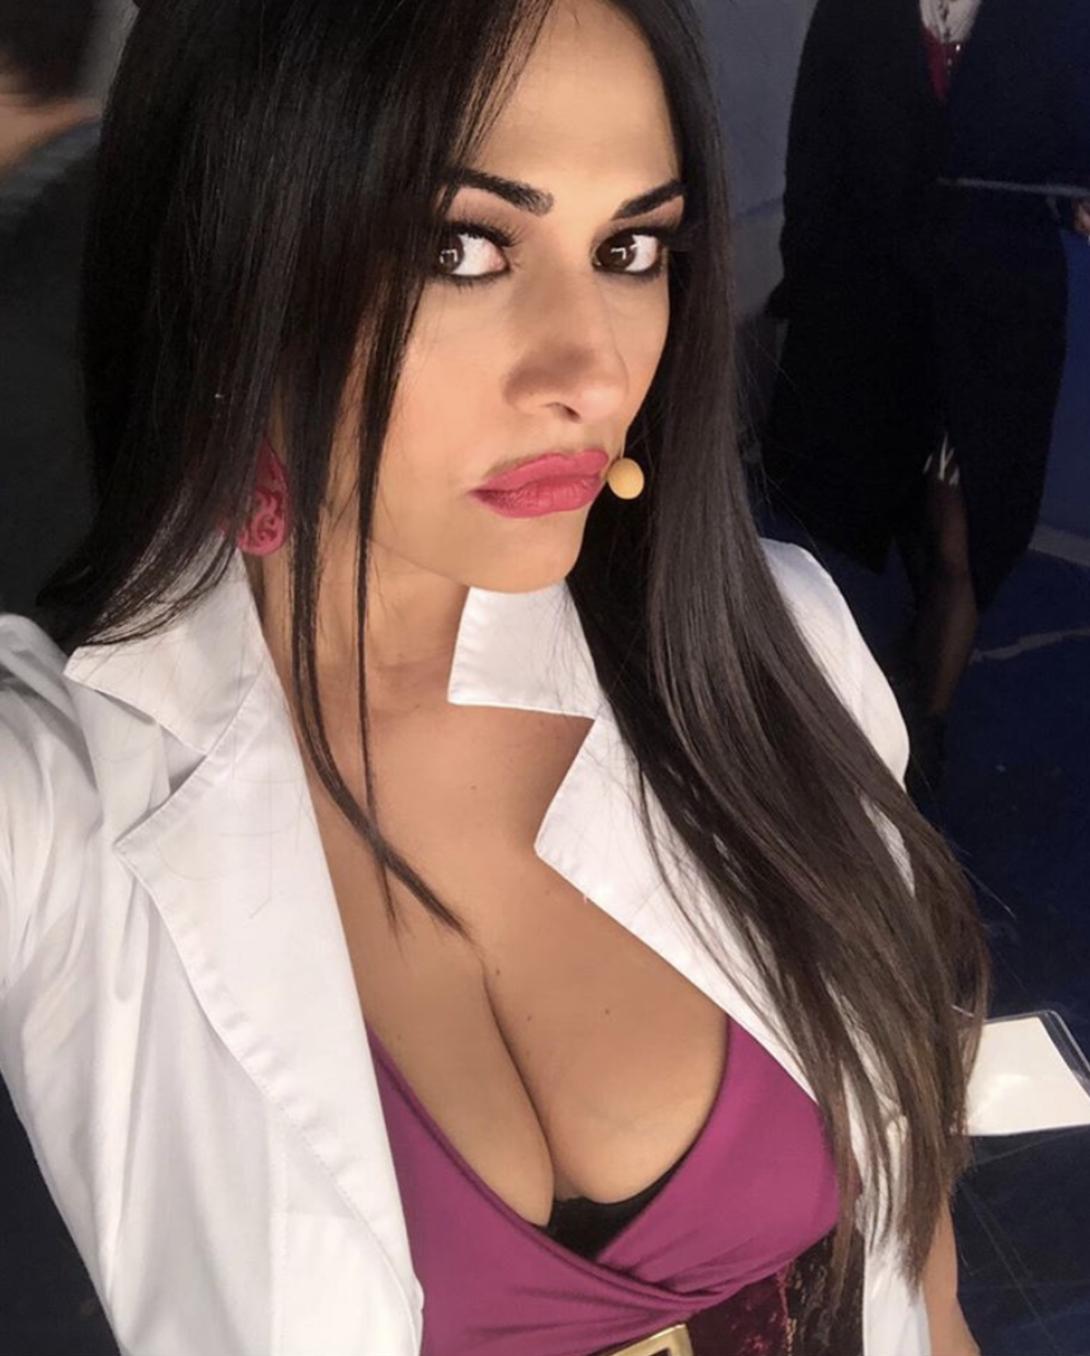 Maria Mazza, sui social tanti post, tanto seno ma nessuna fantasia: il selfie è sempre uguale